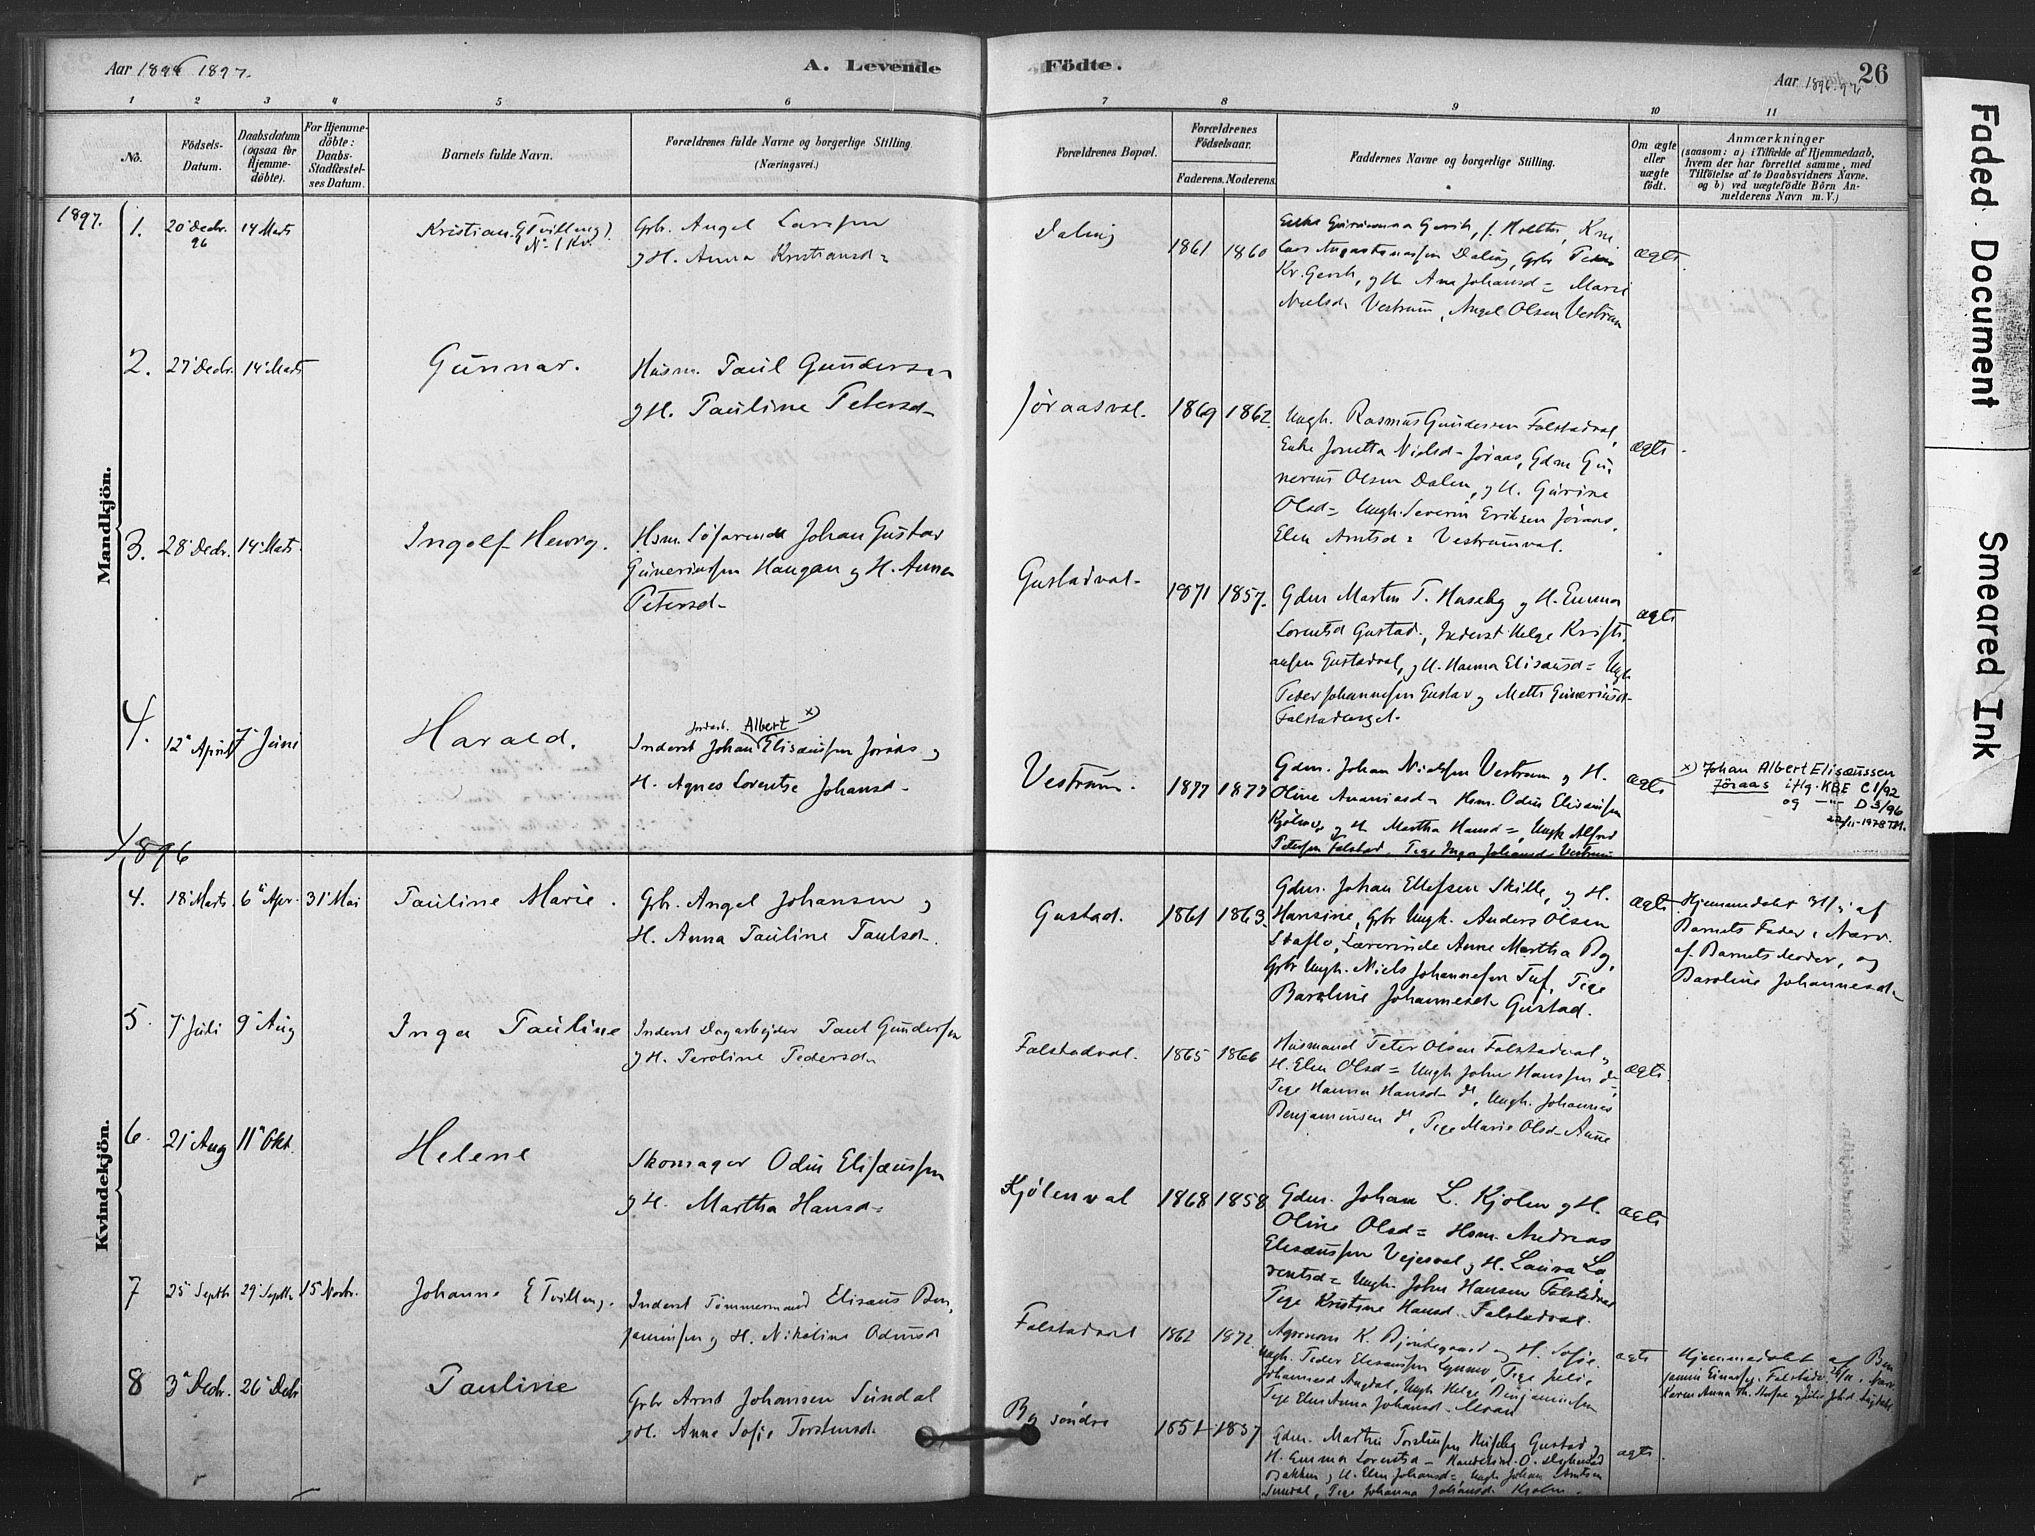 SAT, Ministerialprotokoller, klokkerbøker og fødselsregistre - Nord-Trøndelag, 719/L0178: Ministerialbok nr. 719A01, 1878-1900, s. 26